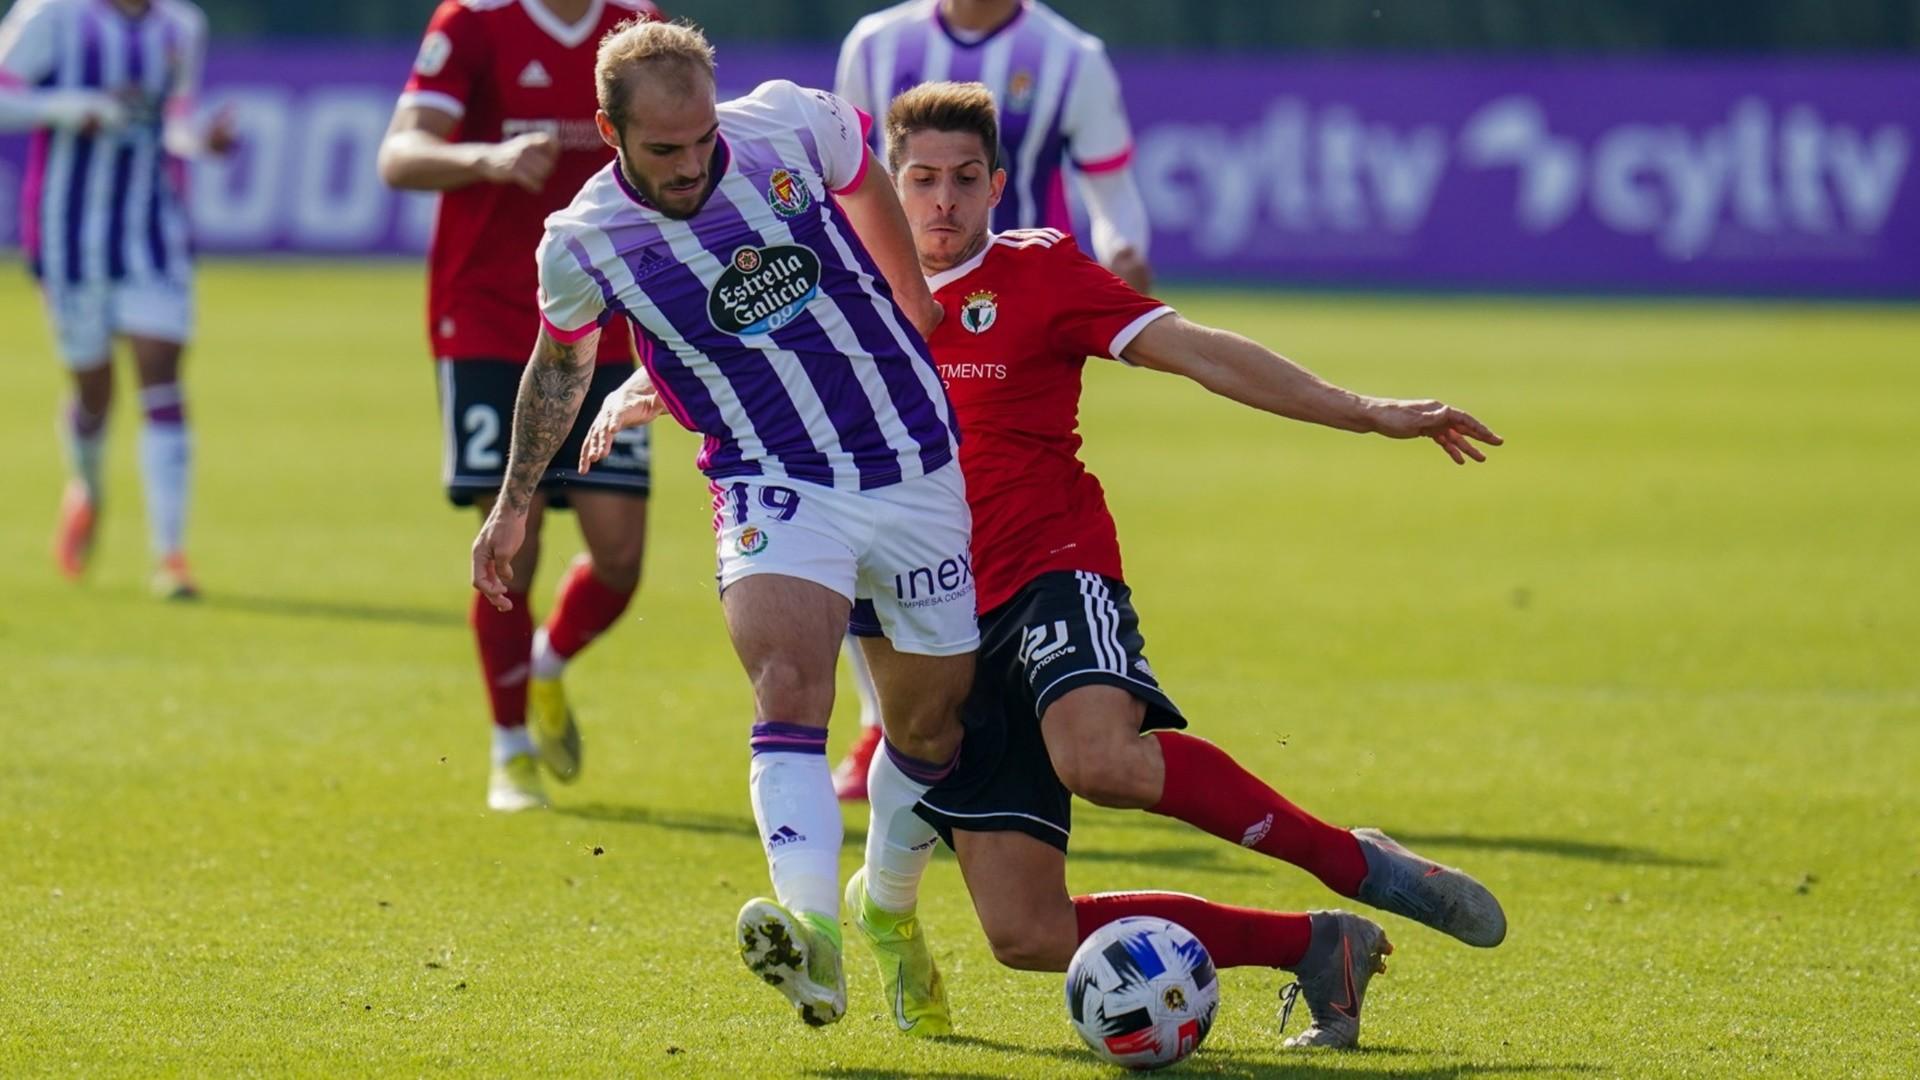 El Burgos Cf Promesas Aplazado Real Valladolid Web Oficial